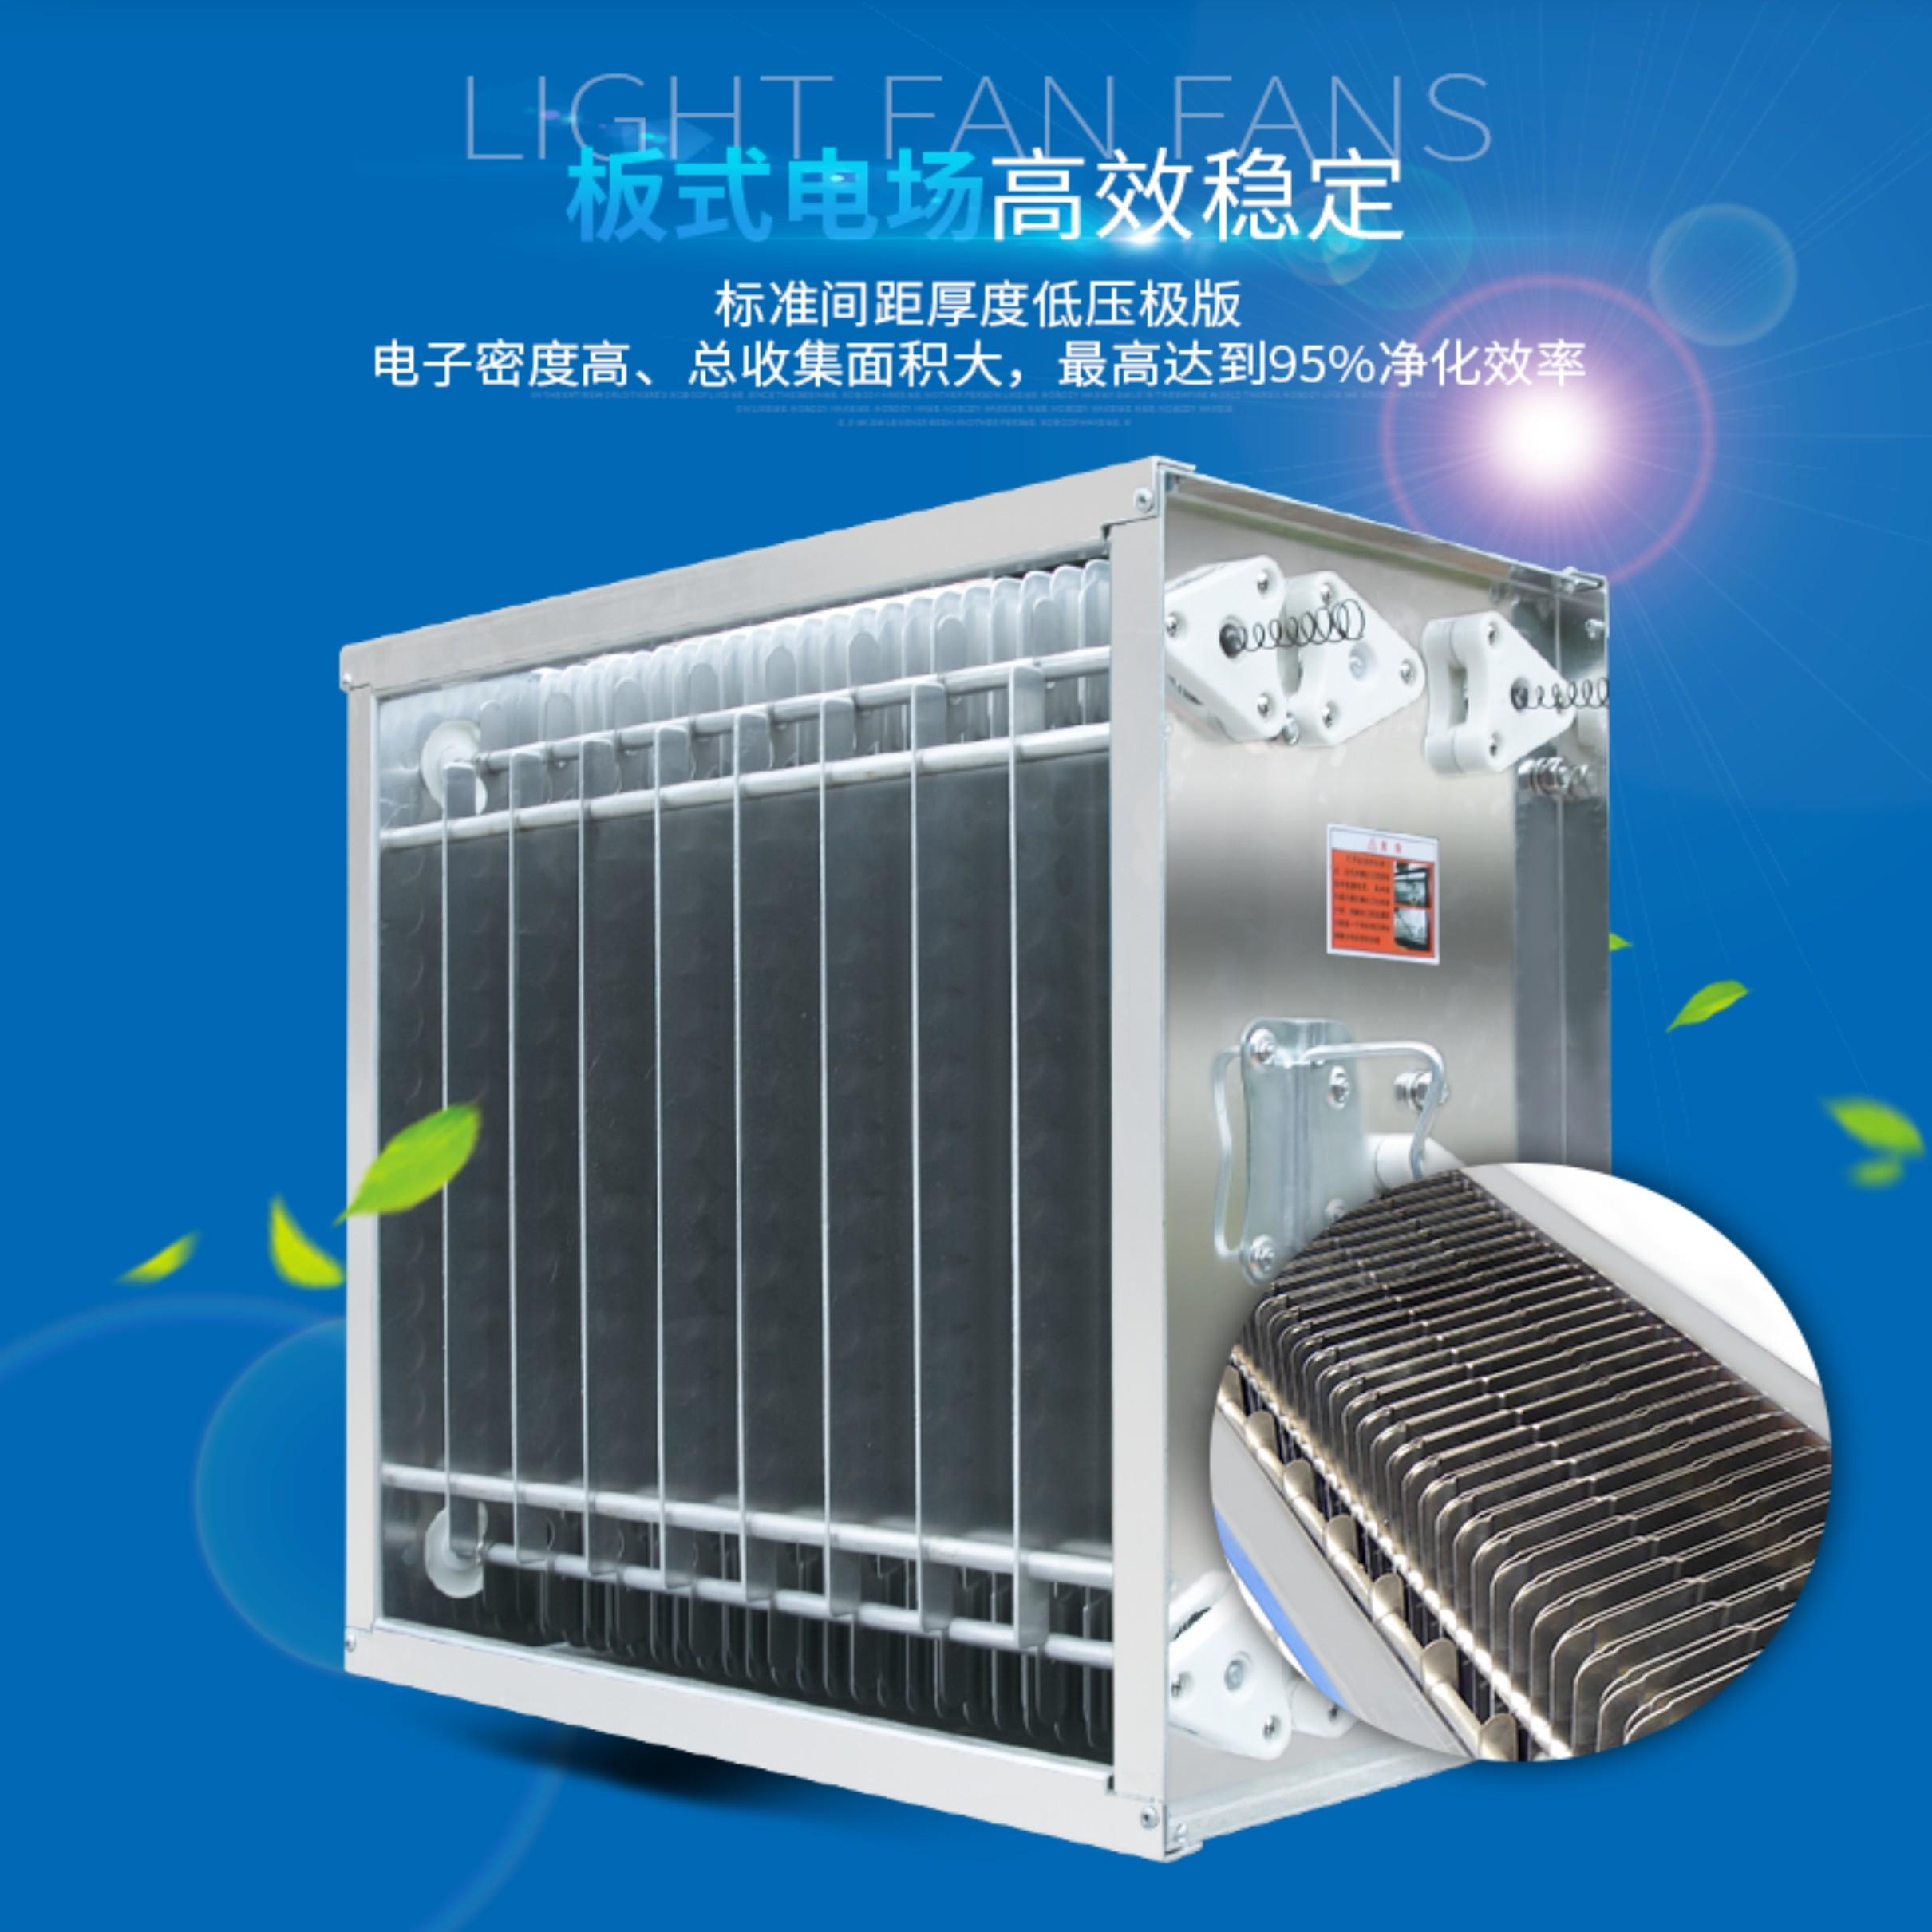 超低空-静电式油烟净化器